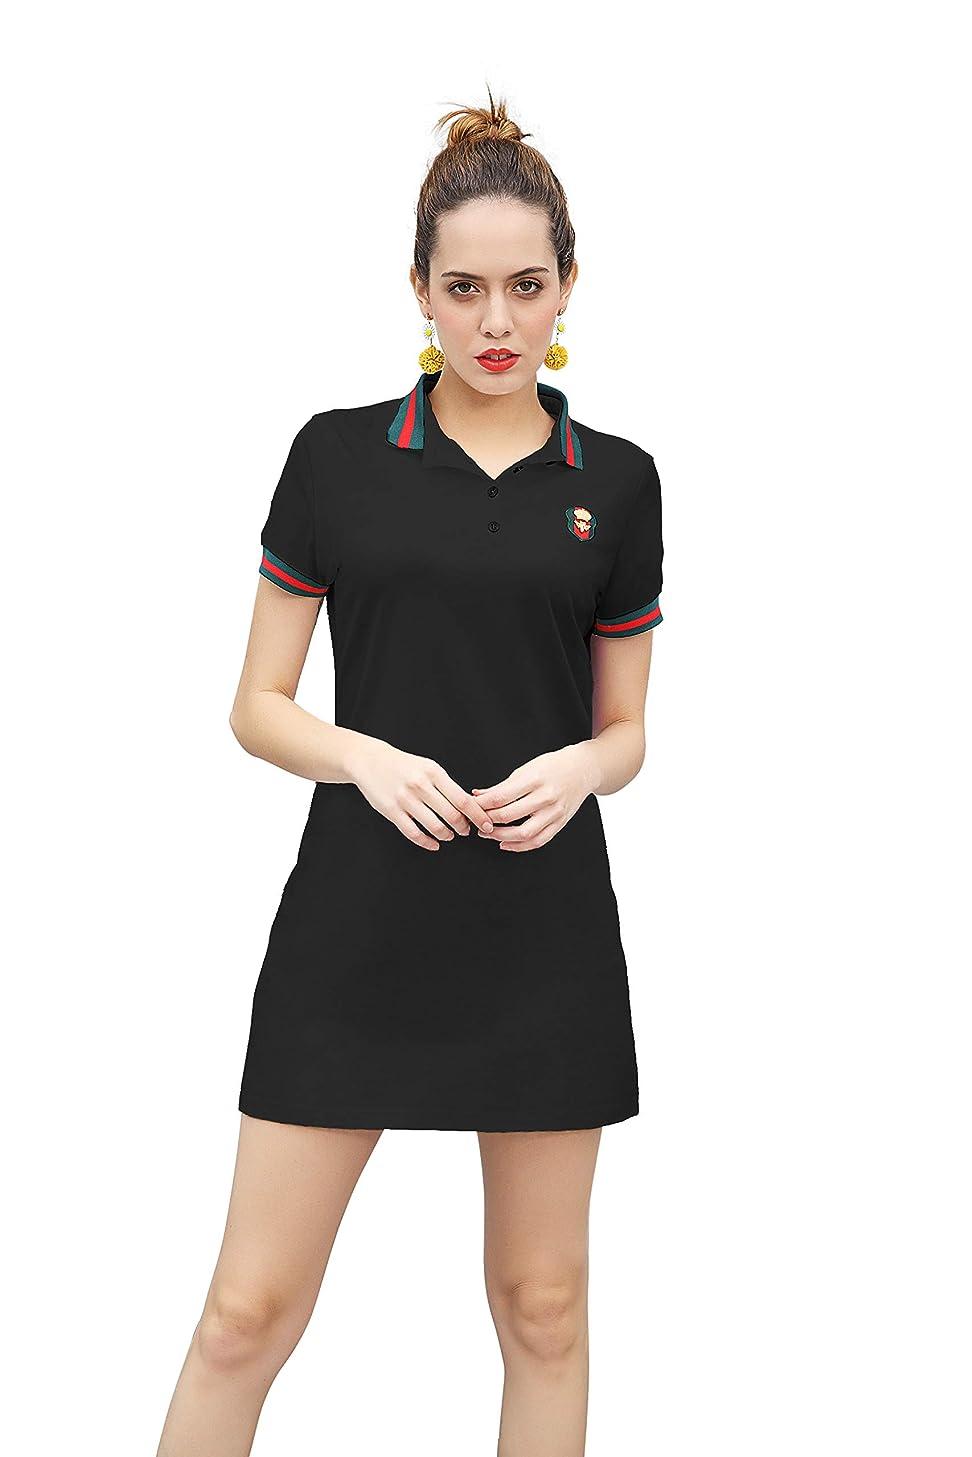 ZHIJINGBIANWEI Women's Casual Polo Dress Embroidery Badge Stretch Cotton Mini Short Sleeve Polo Shirt Golf Shirt